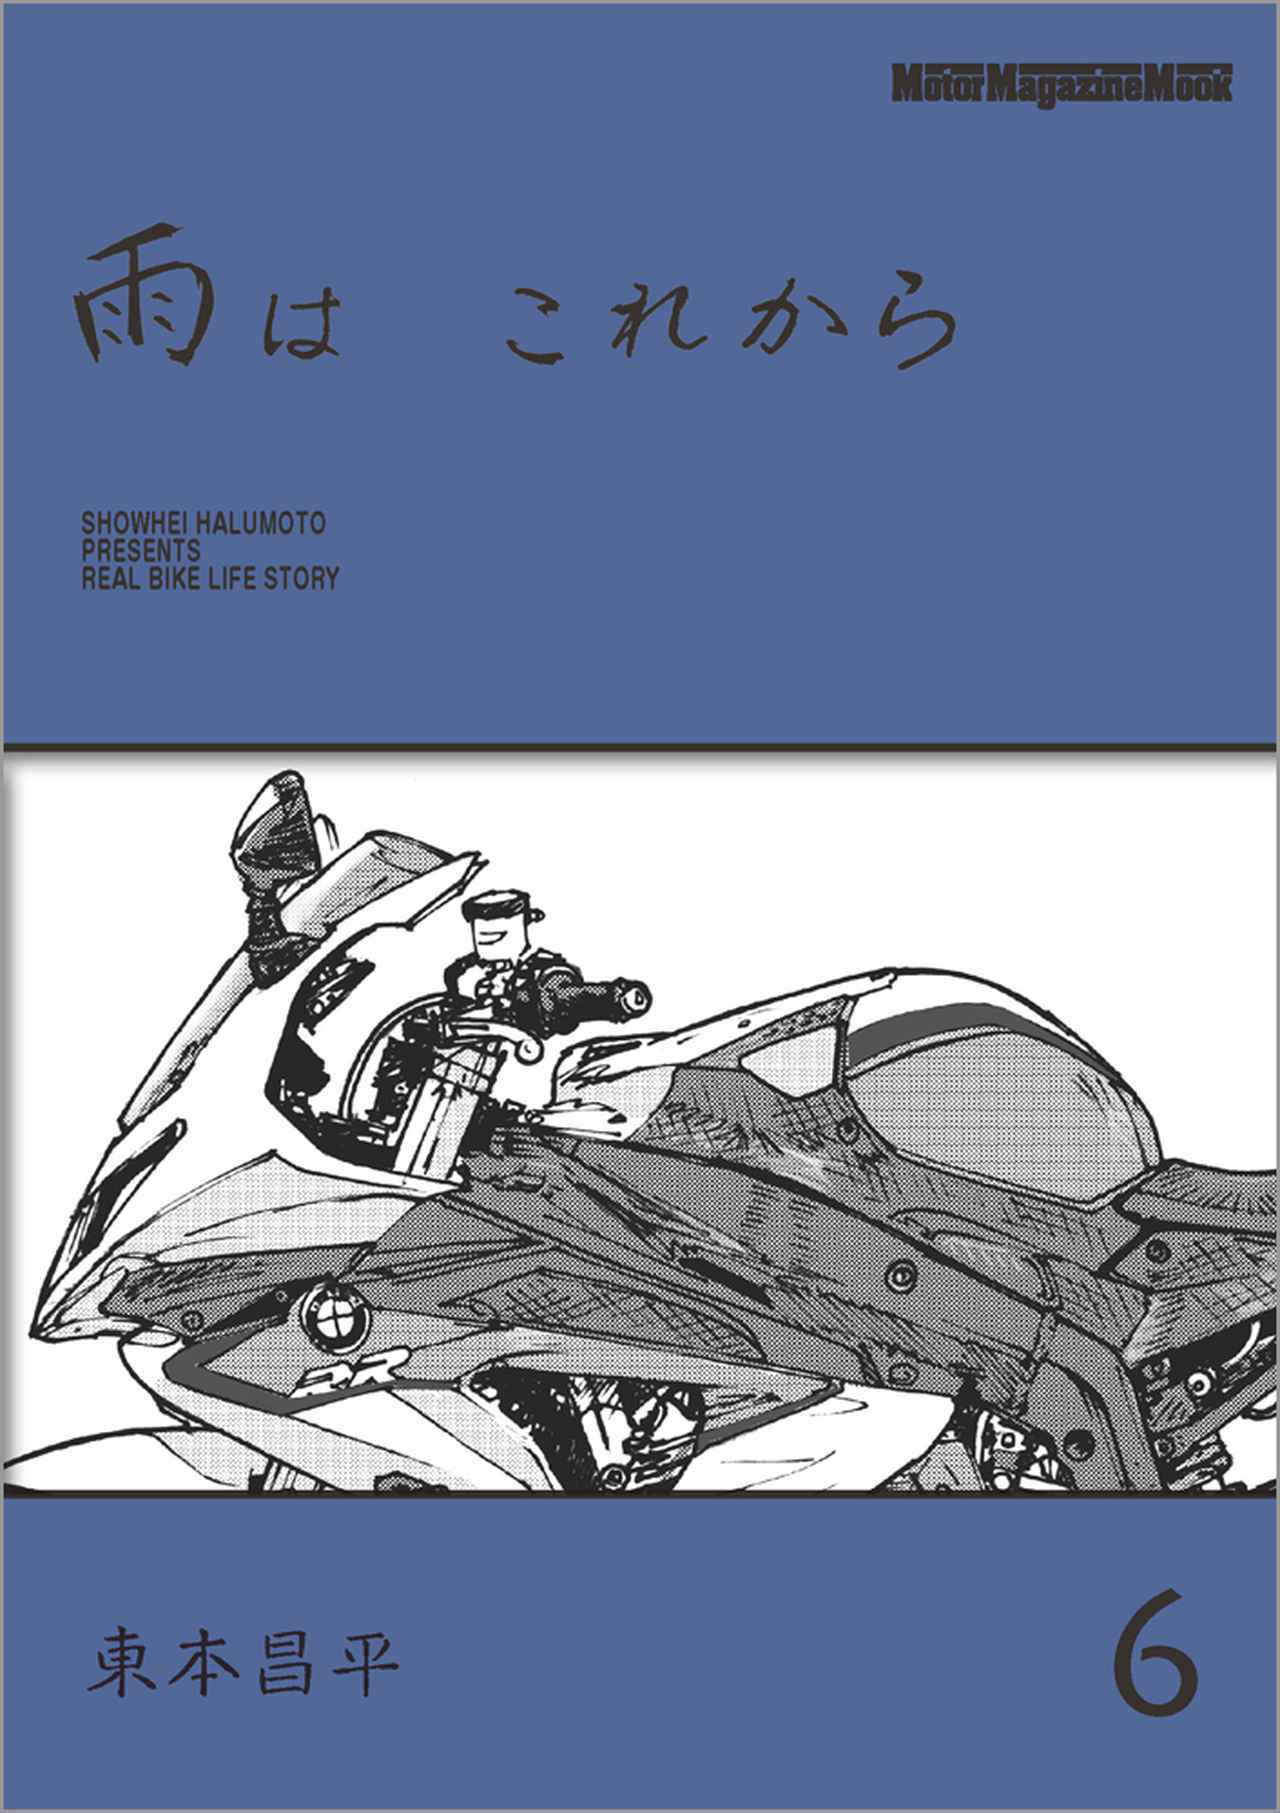 画像: 「雨は これから 6」は2020年10月8日発売。 - 株式会社モーターマガジン社